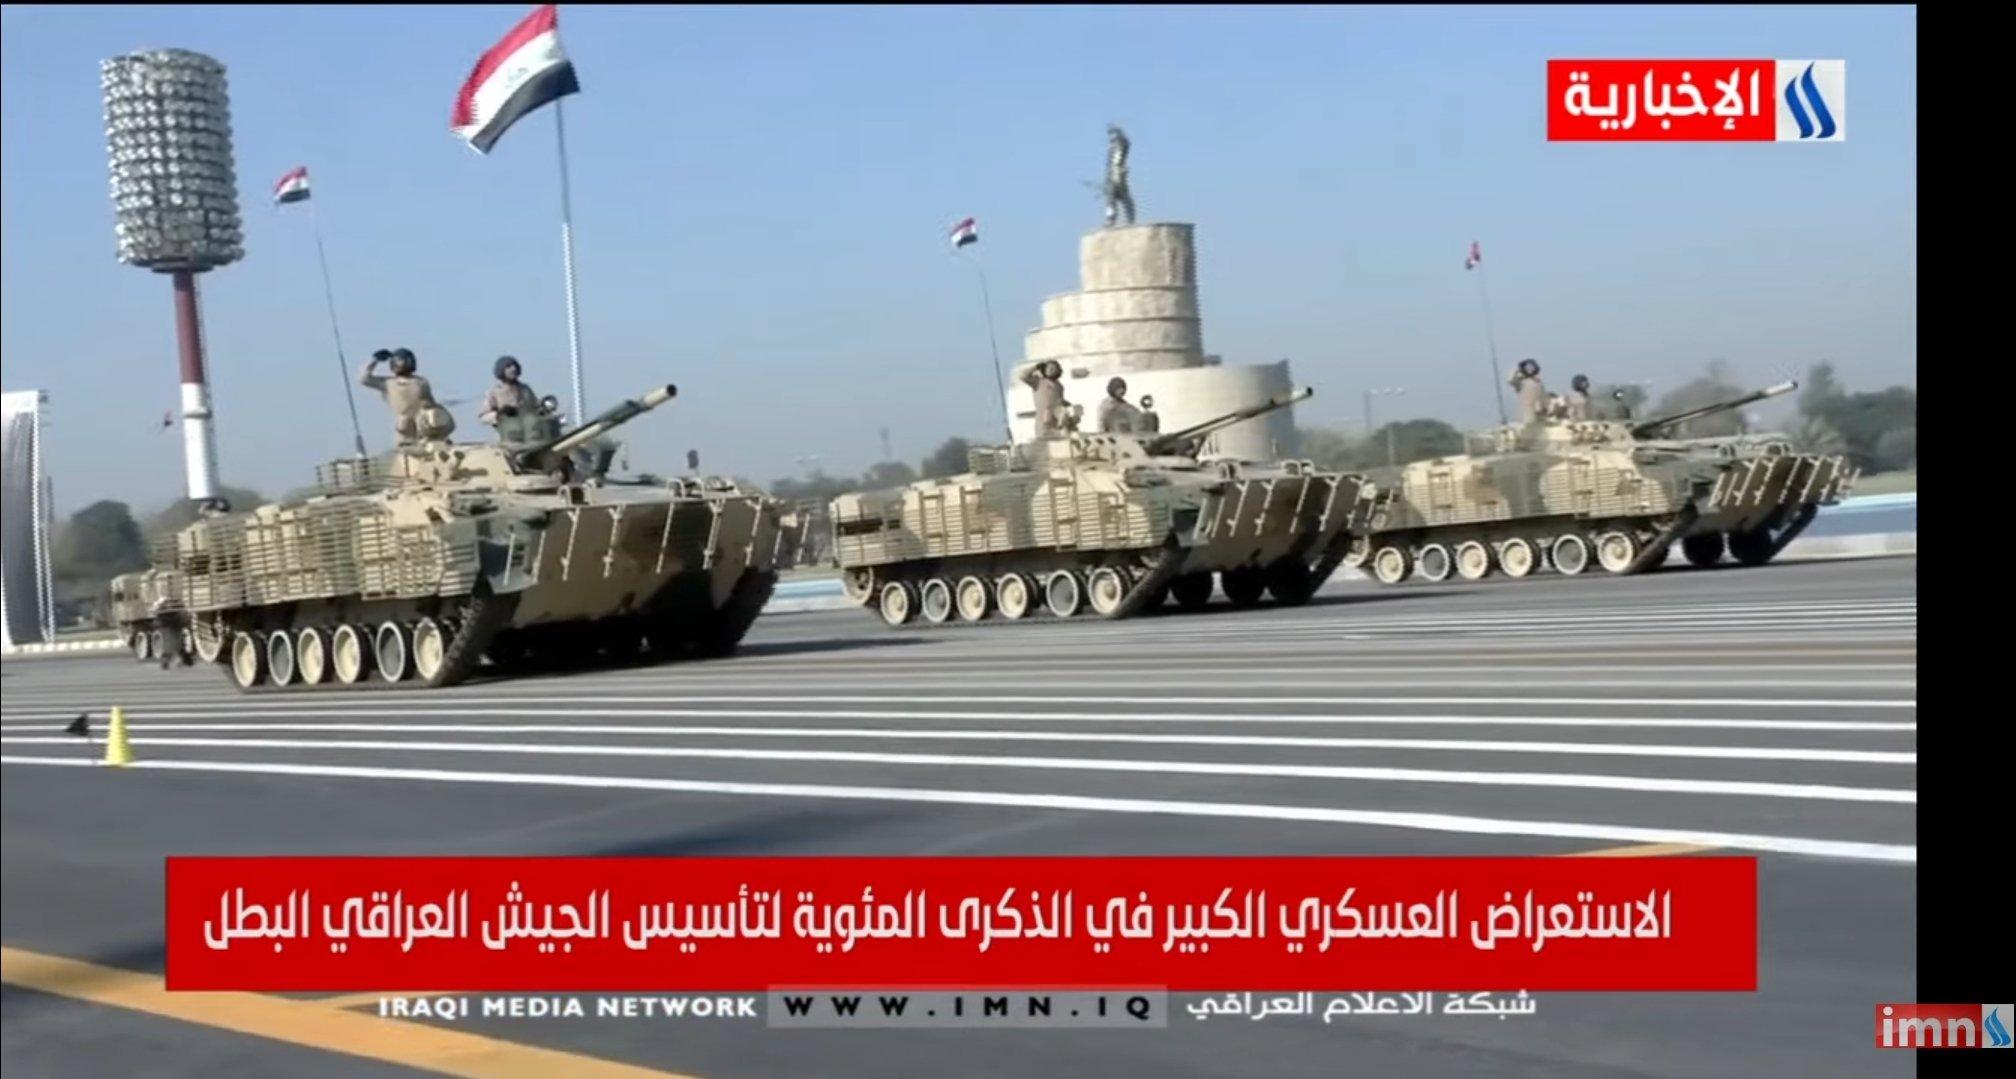 Armée Irakienne / Iraqi Armed Forces - Page 38 ErHySVhXMAEblfI?format=jpg&name=large